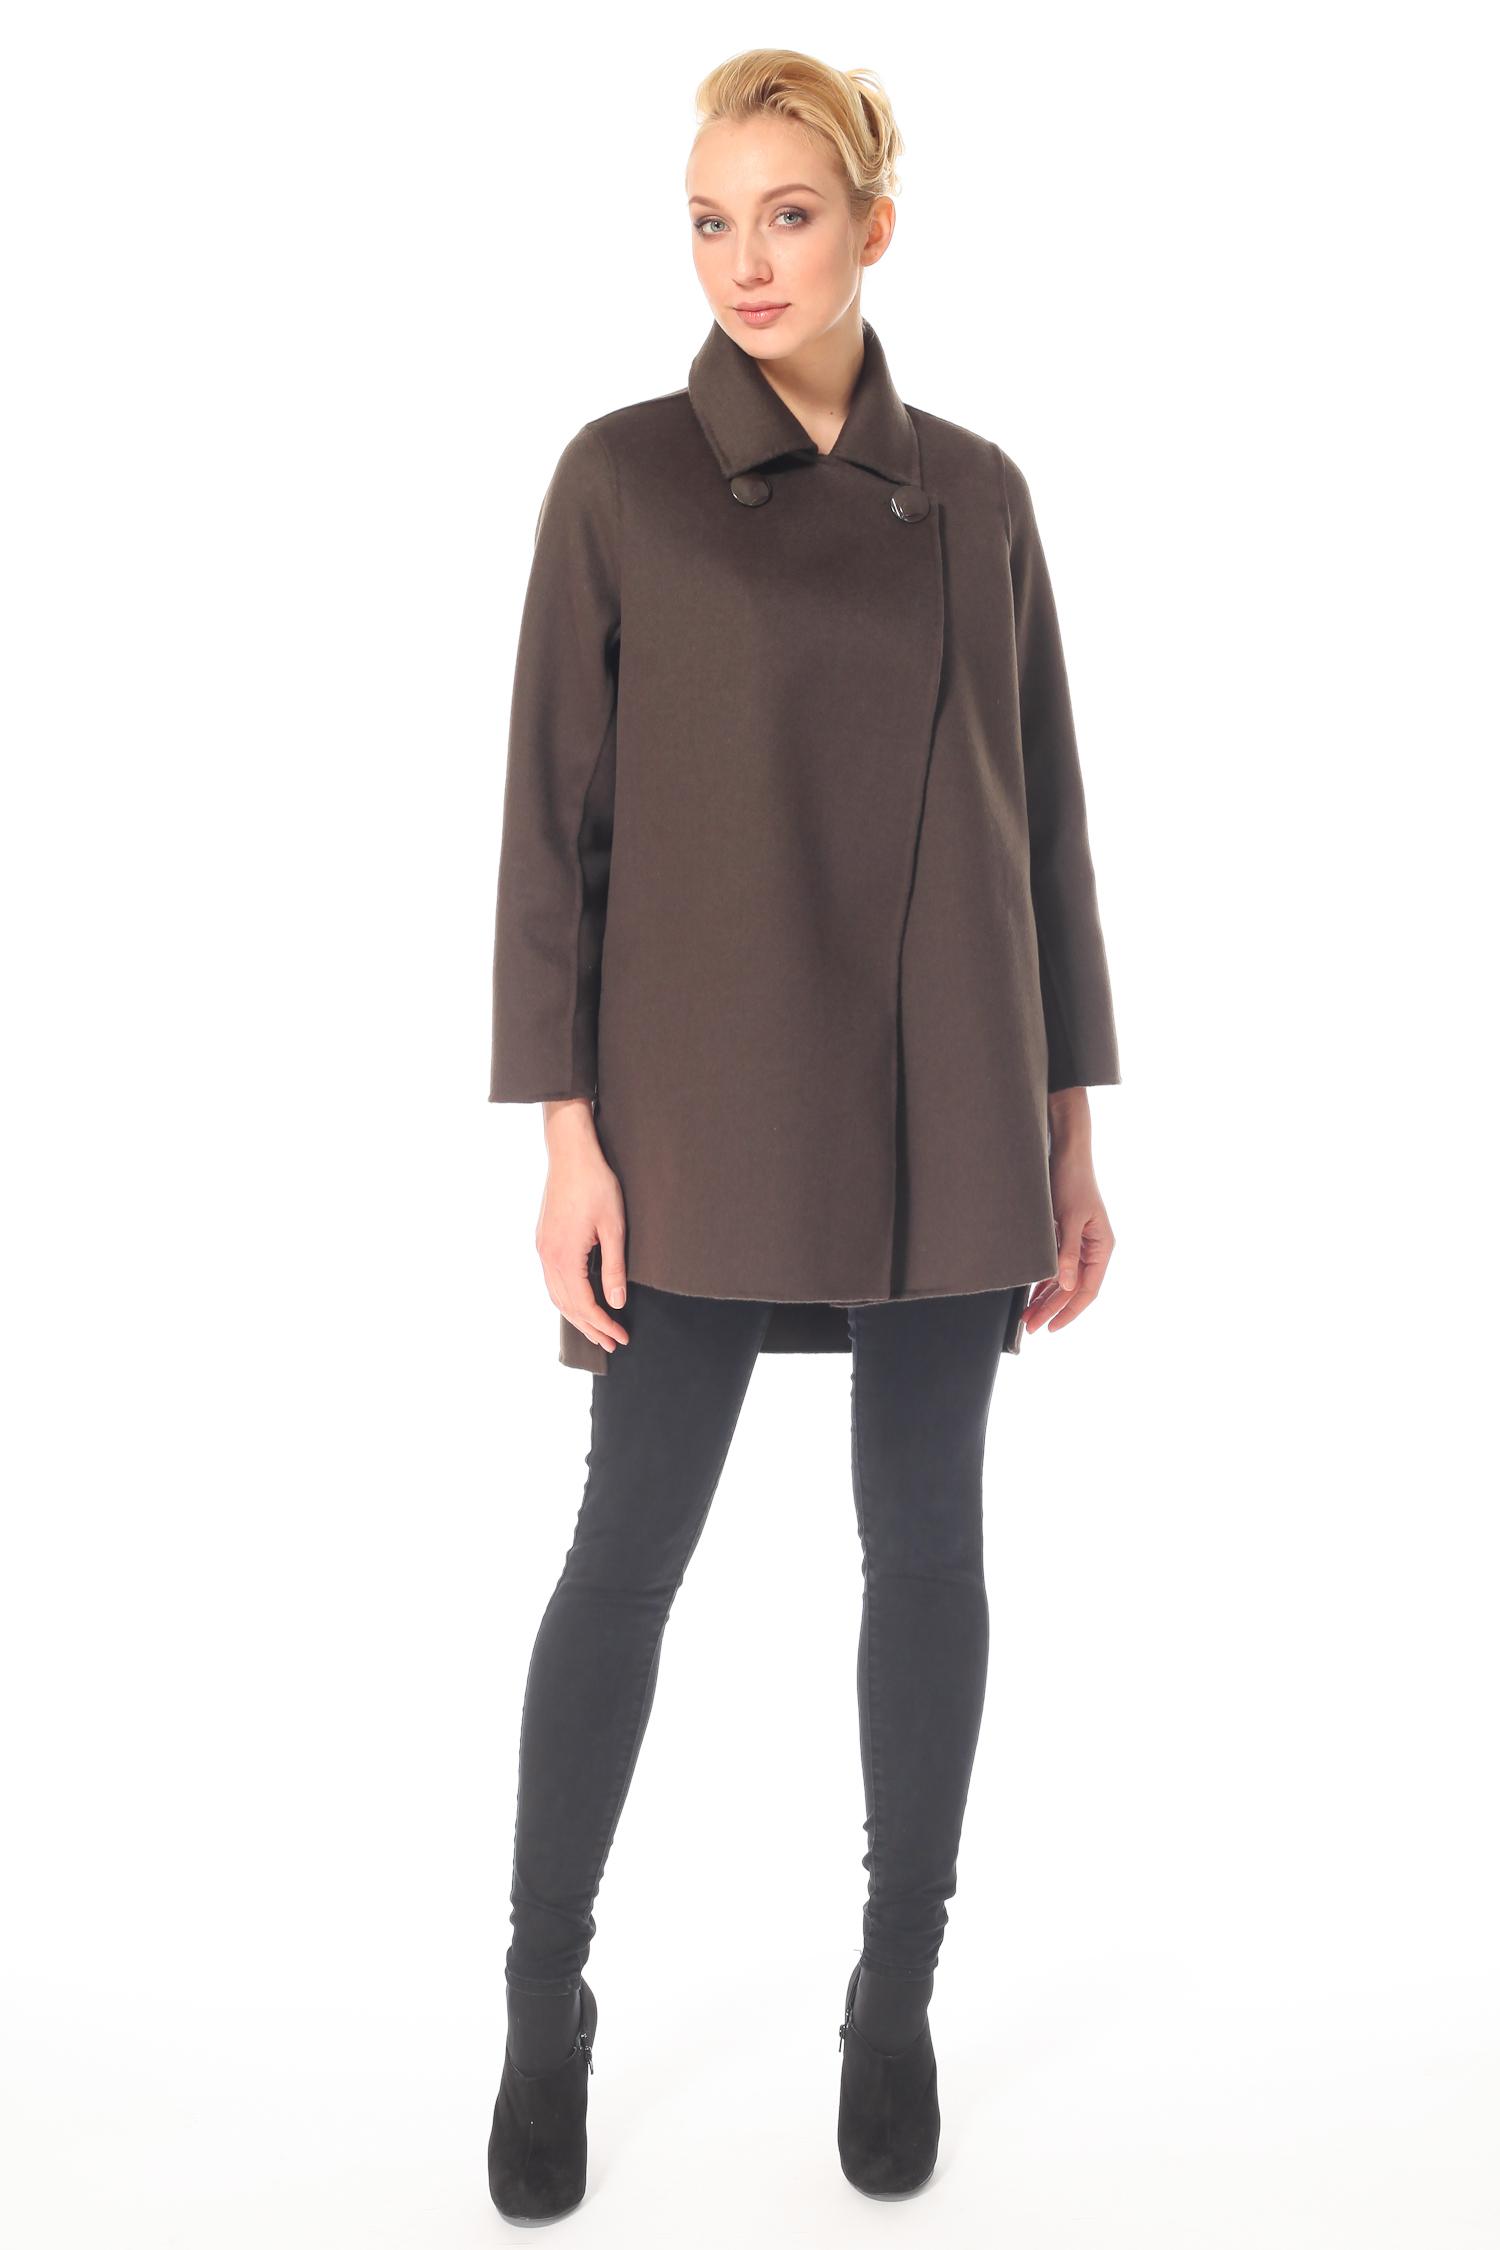 Фото 4 - Женское пальто из текстиля с воротником от МОСМЕХА зеленого цвета